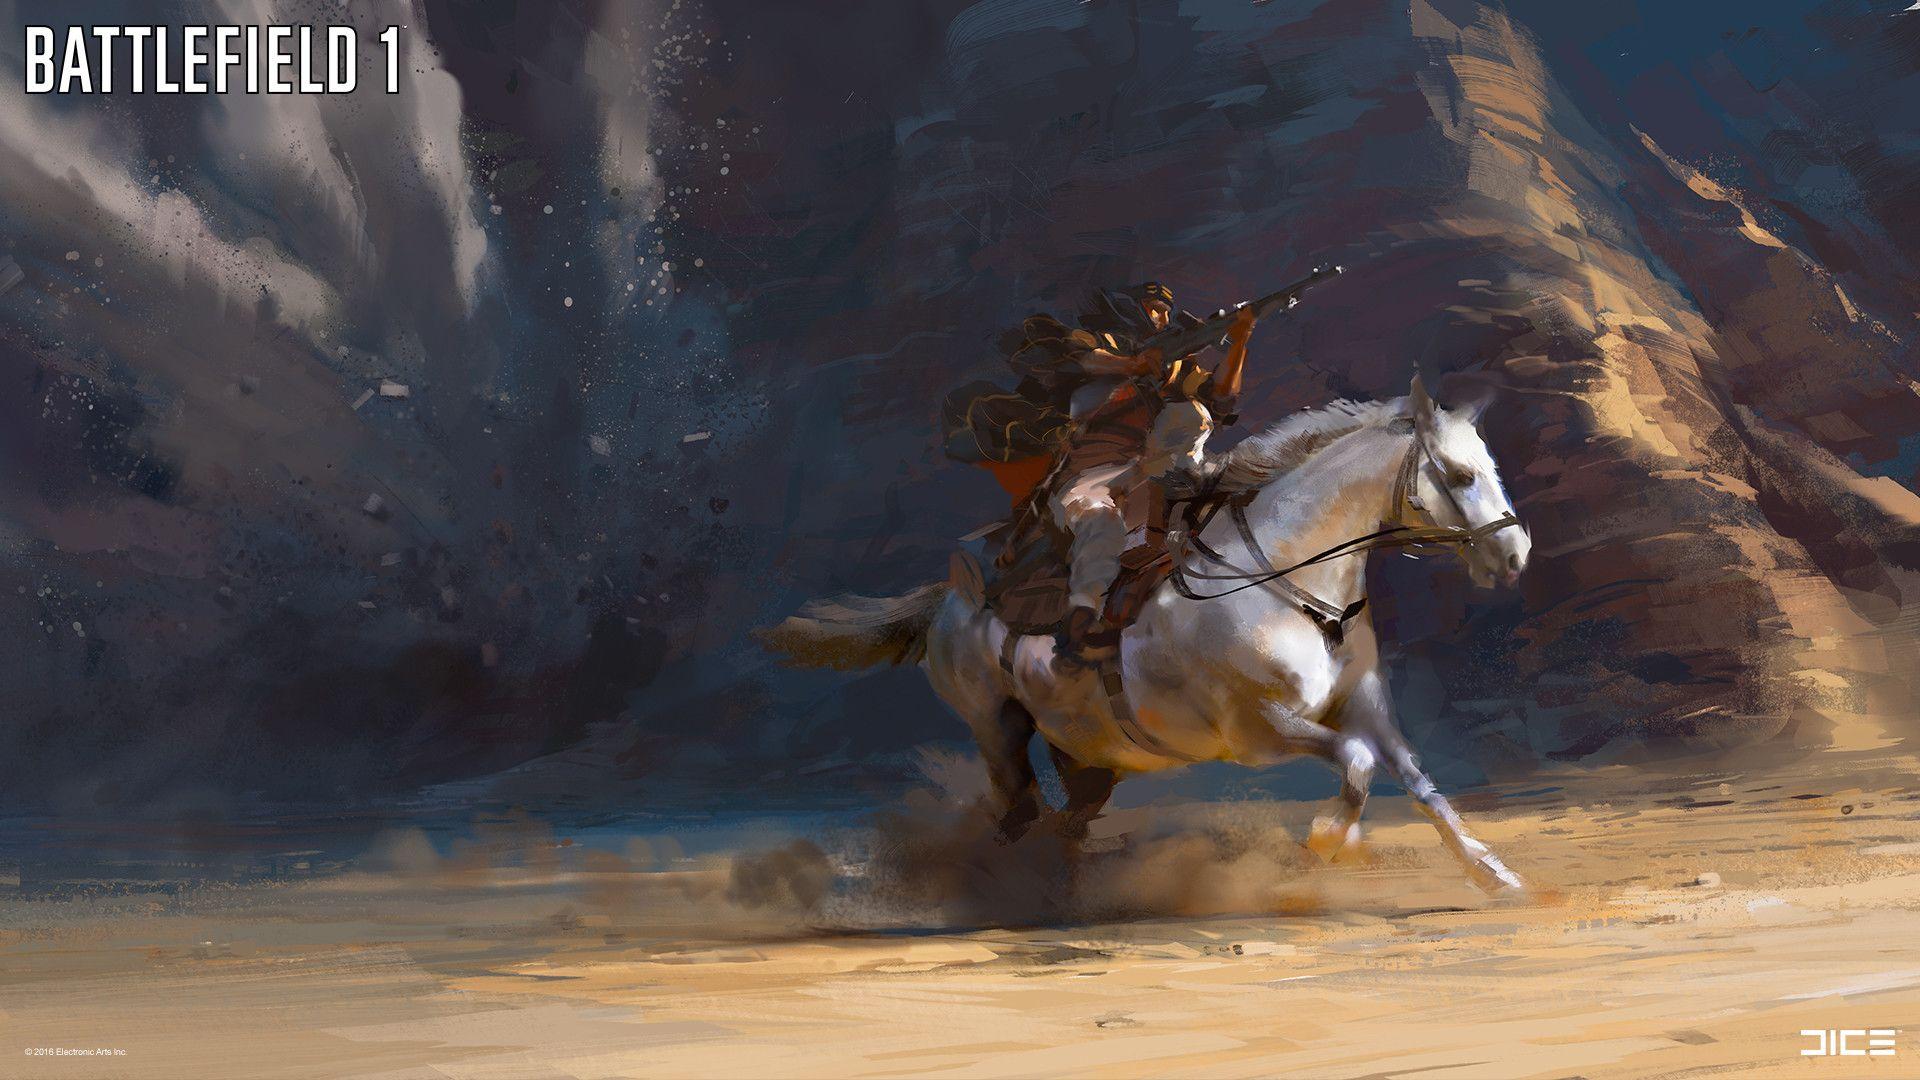 The Art Of Battlefield 1 | Battlefield | Concept art world